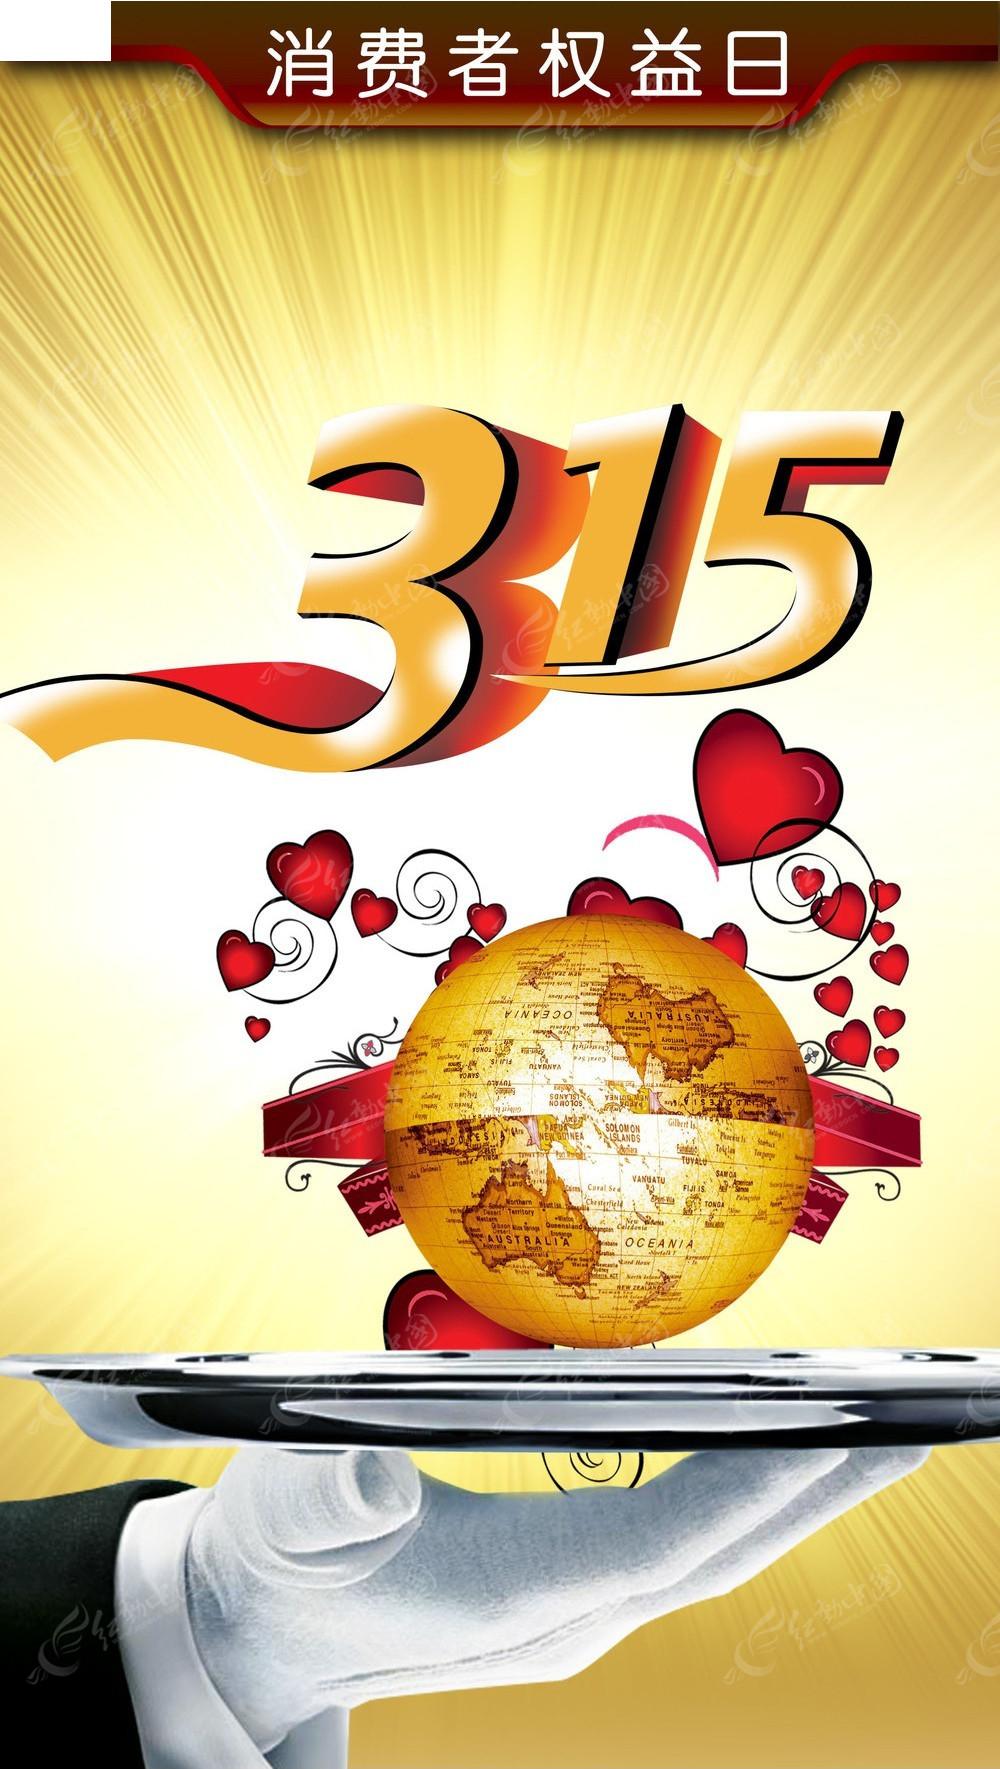 用心环绕地球315诚信海报